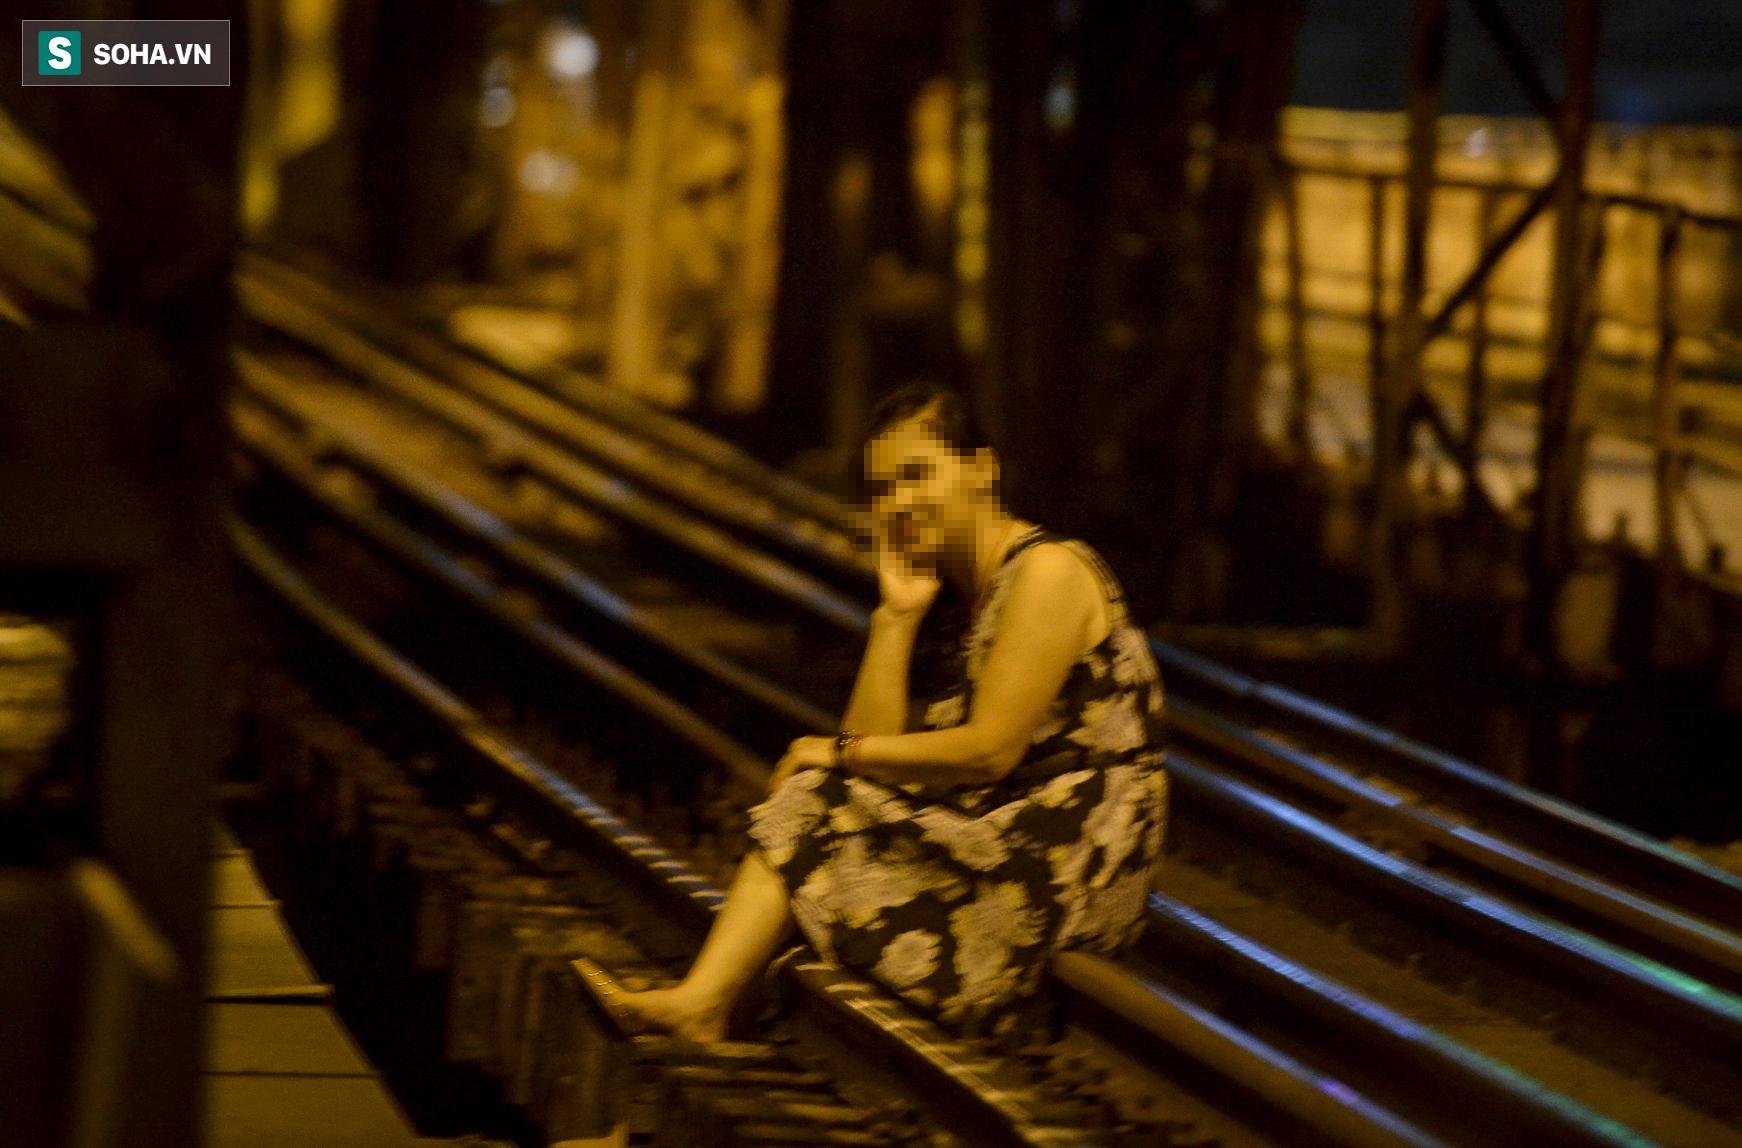 Hà Nội: Nam thanh nữ tú thản nhiên lên cầu Long Biên tâm sự, chụp ảnh, hóng mát bất chấp giãn cách xã hội - Ảnh 4.